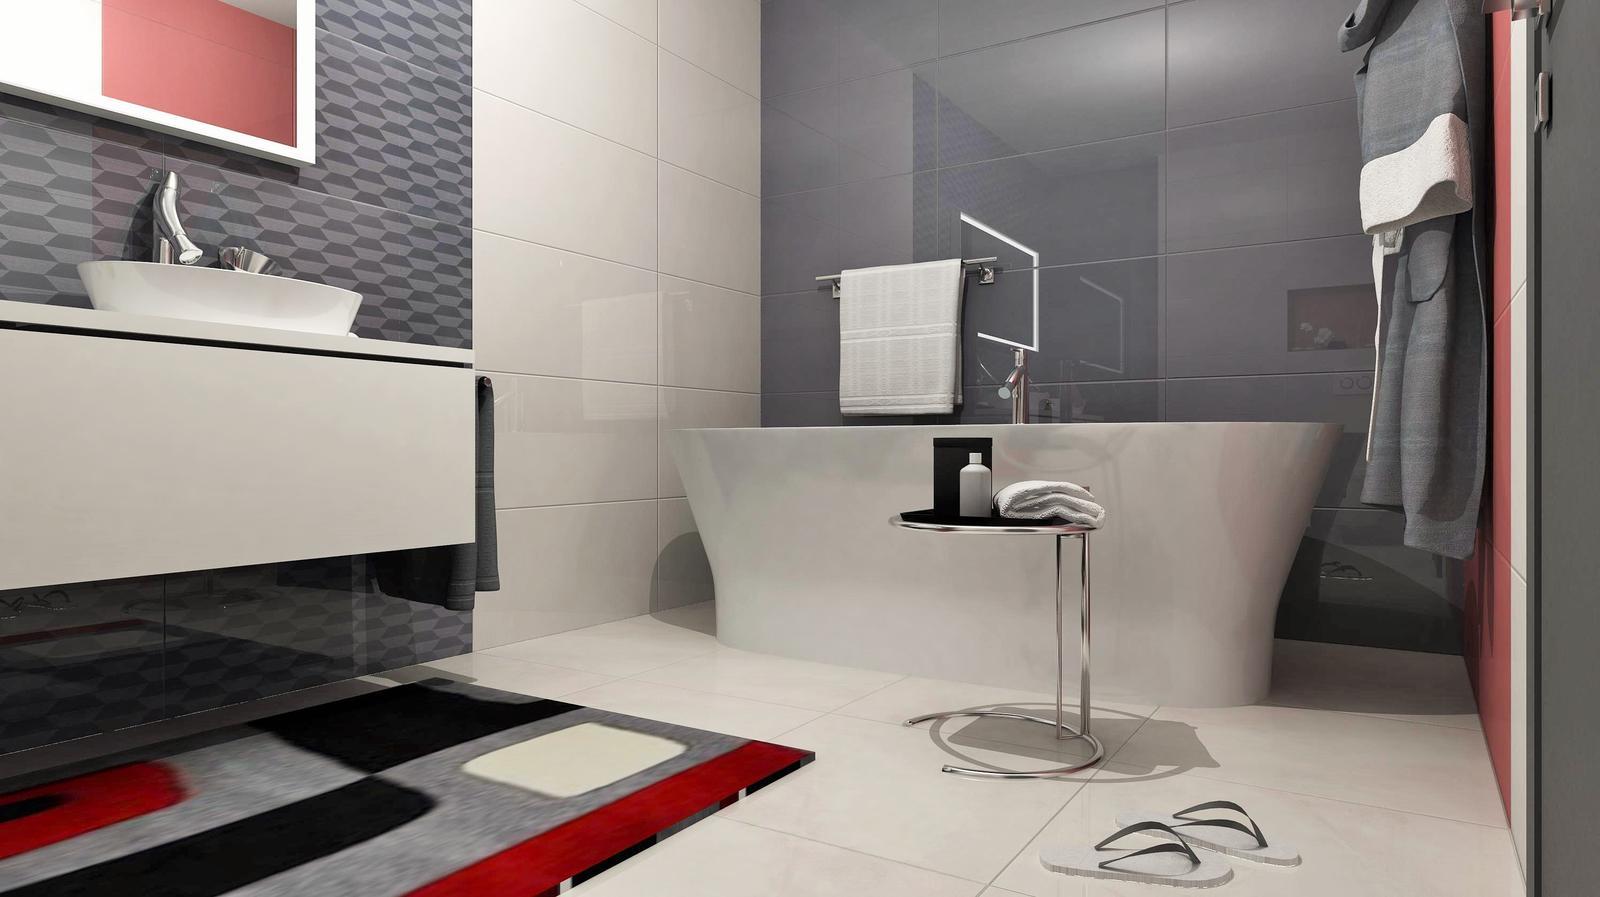 Vizualizácie kúpeľní - Obrázok č. 40